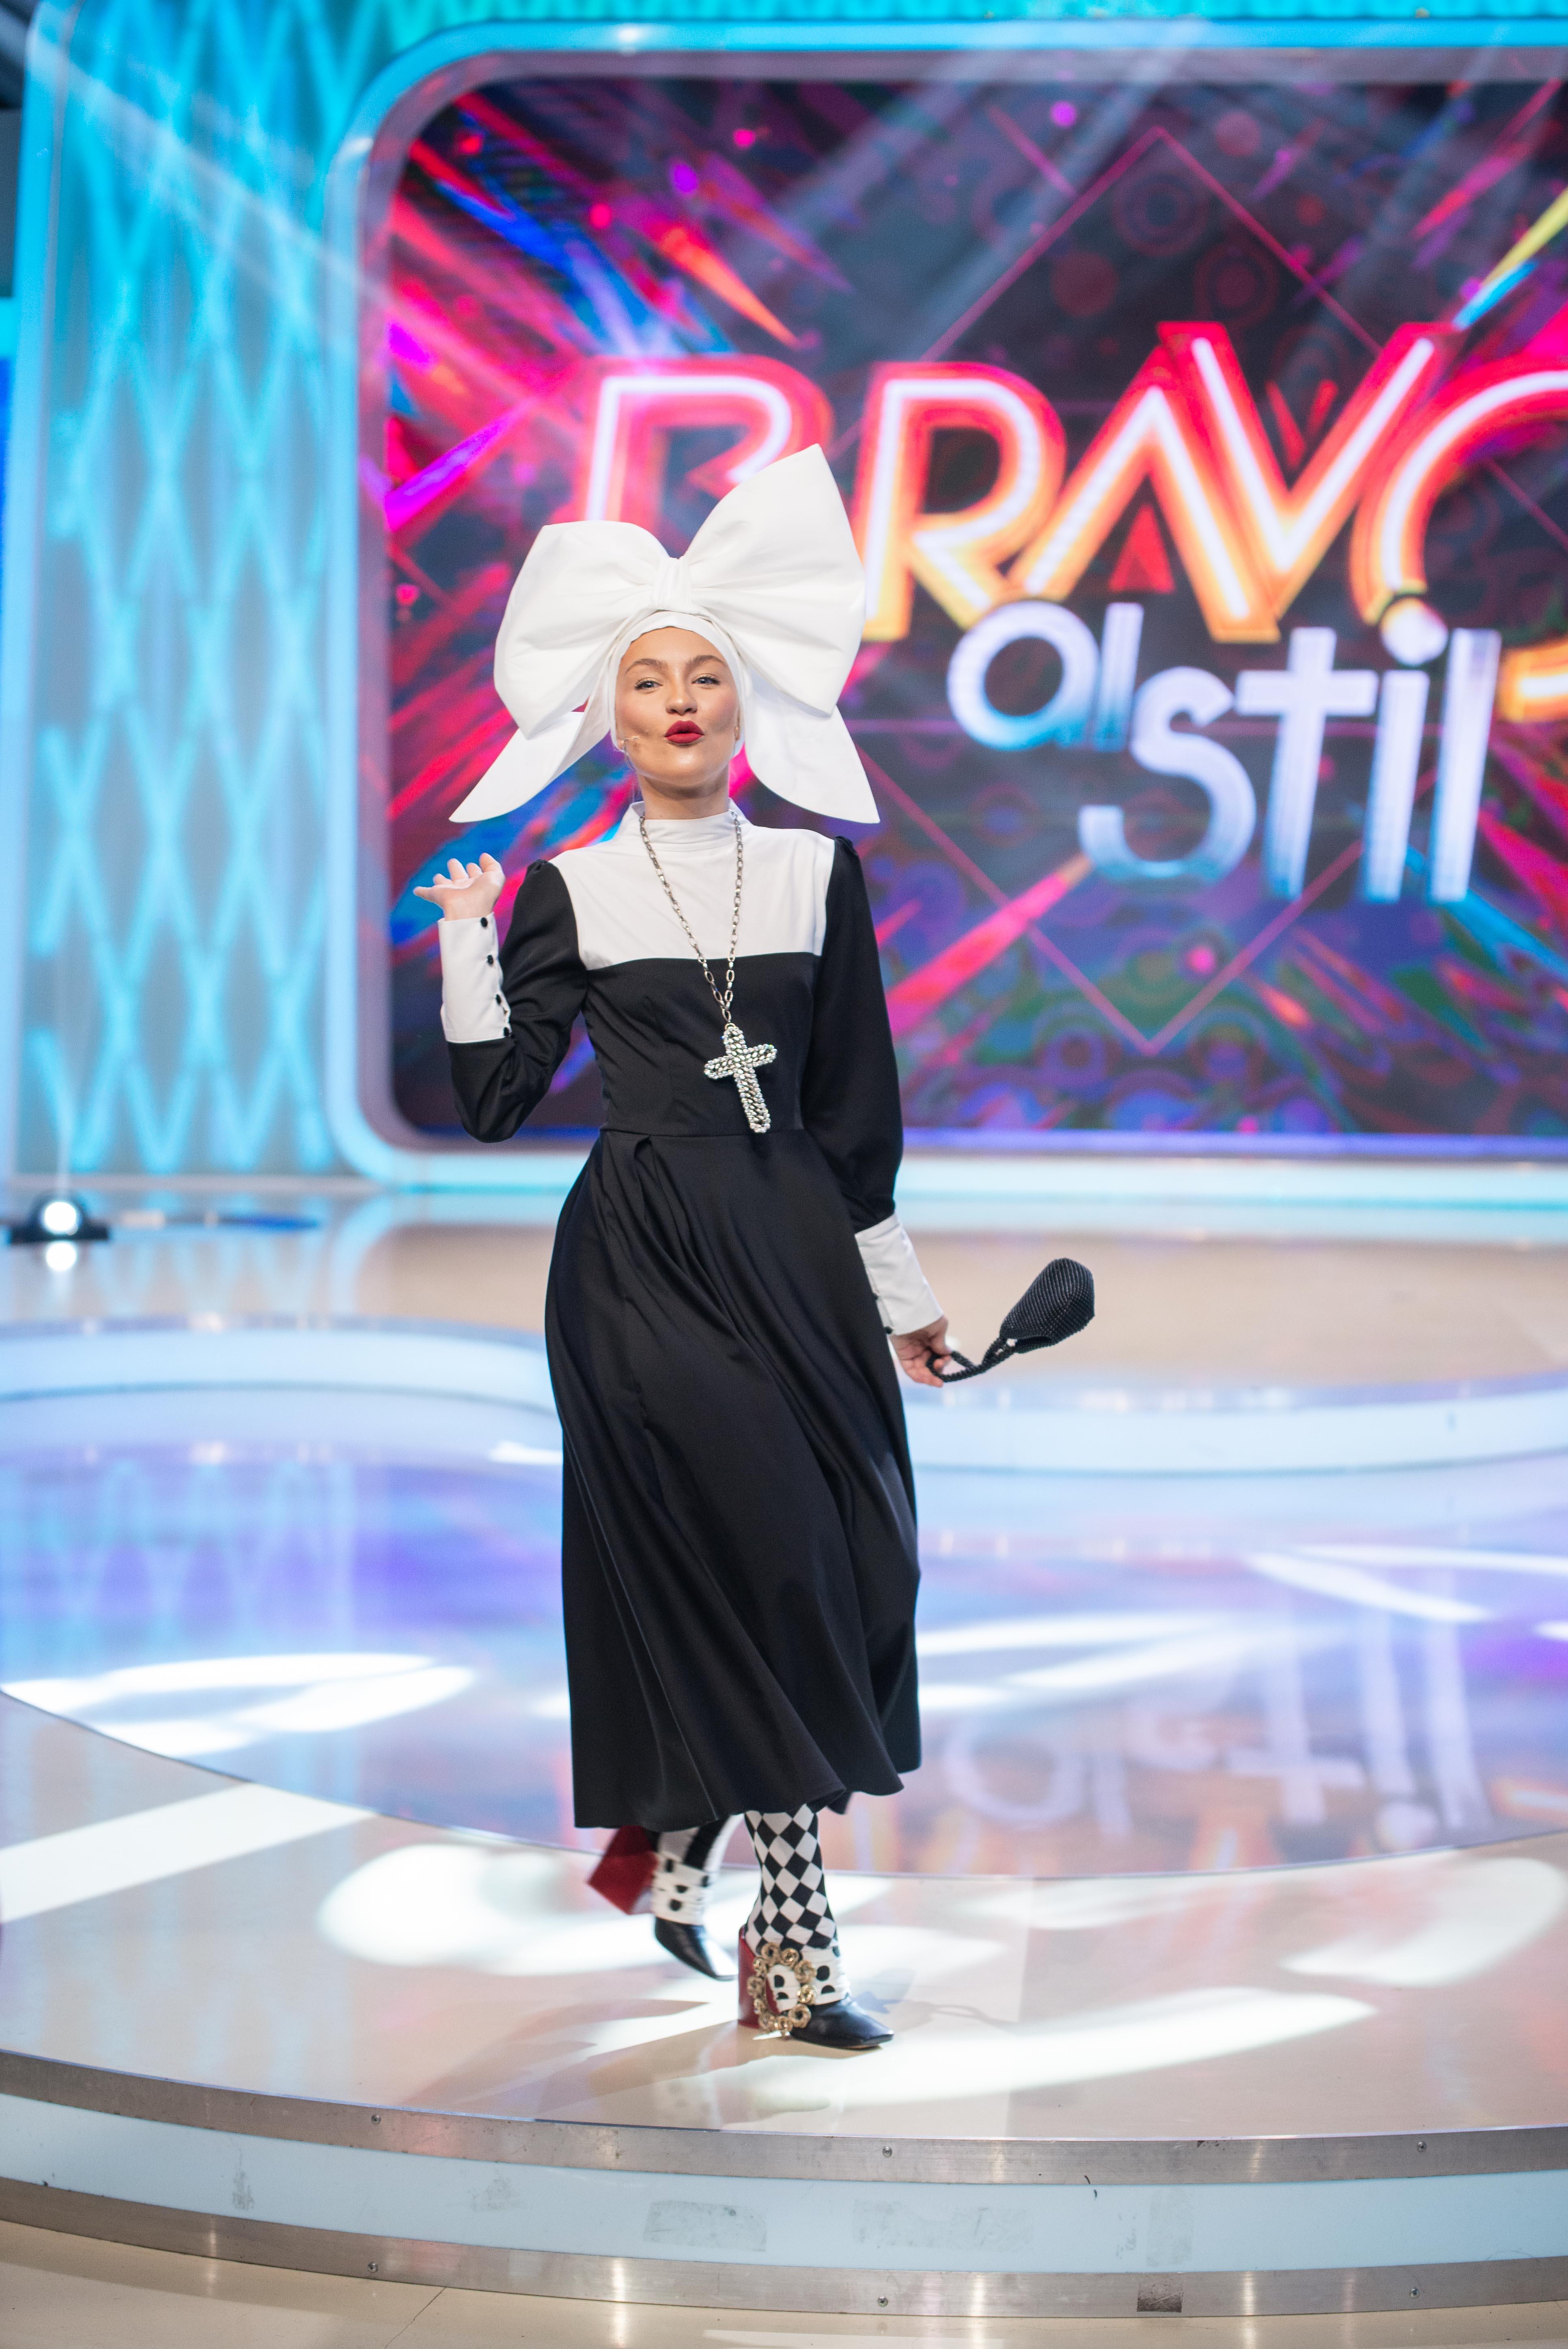 """Bianca de la """"Bravo, ai stil!"""" a comis-o! Si-a pus juratii in cap!""""Domnia Ta, ti-o cauti cu lumanarea!"""""""